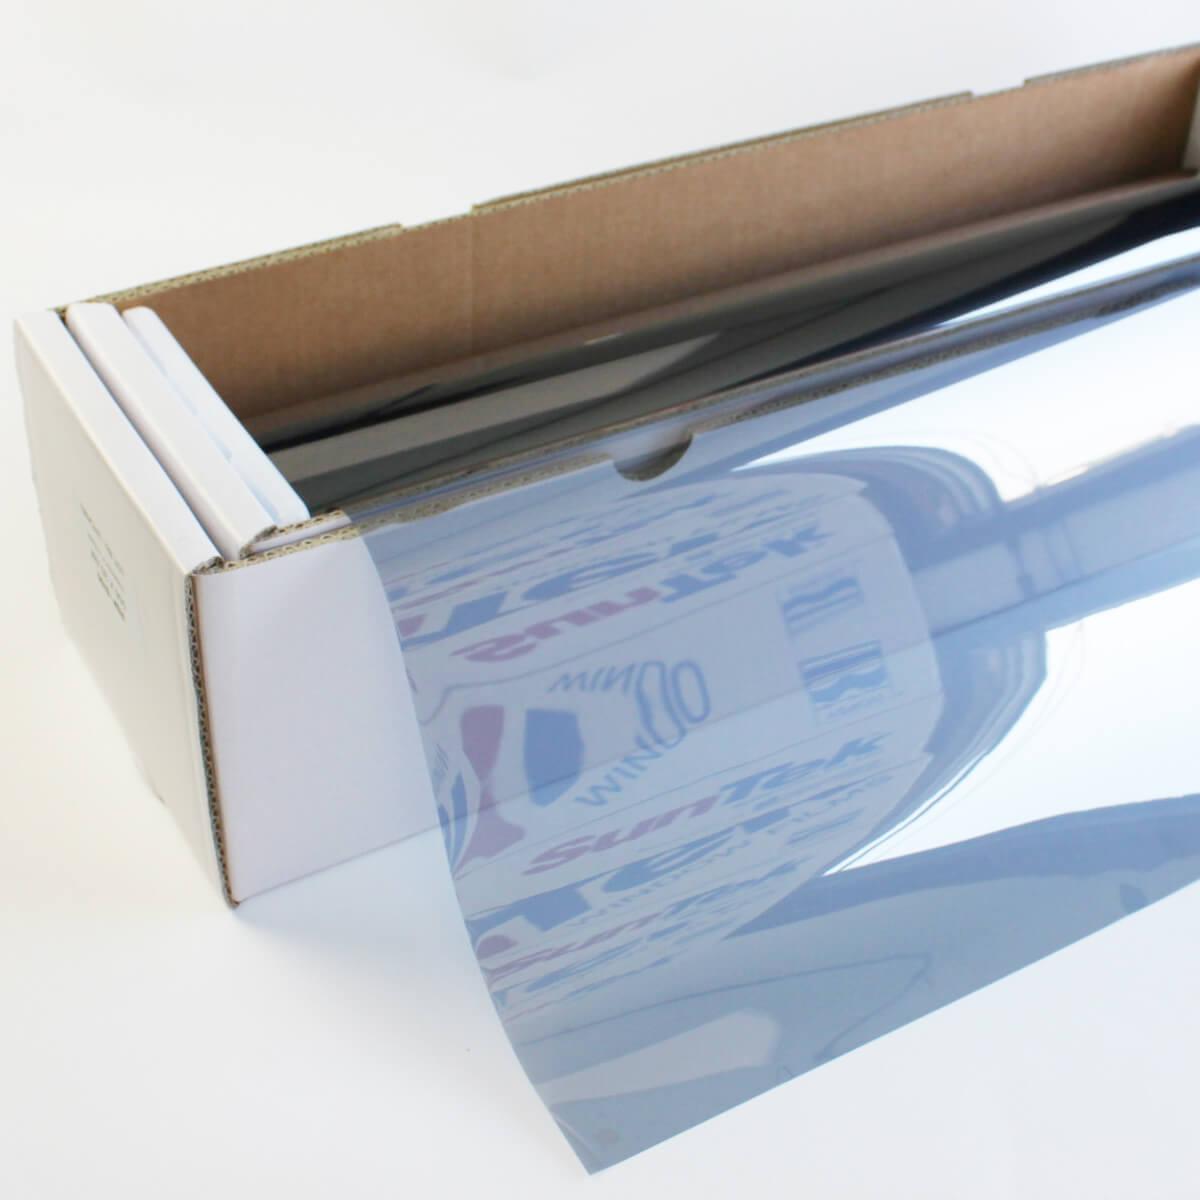 ウィンドウフィルム 窓ガラスフィルムスパッタシルバー50 1m幅×30mロール箱売 遮熱フィルム 断熱フィルム UVカットフィルム ブレインテック Braintec